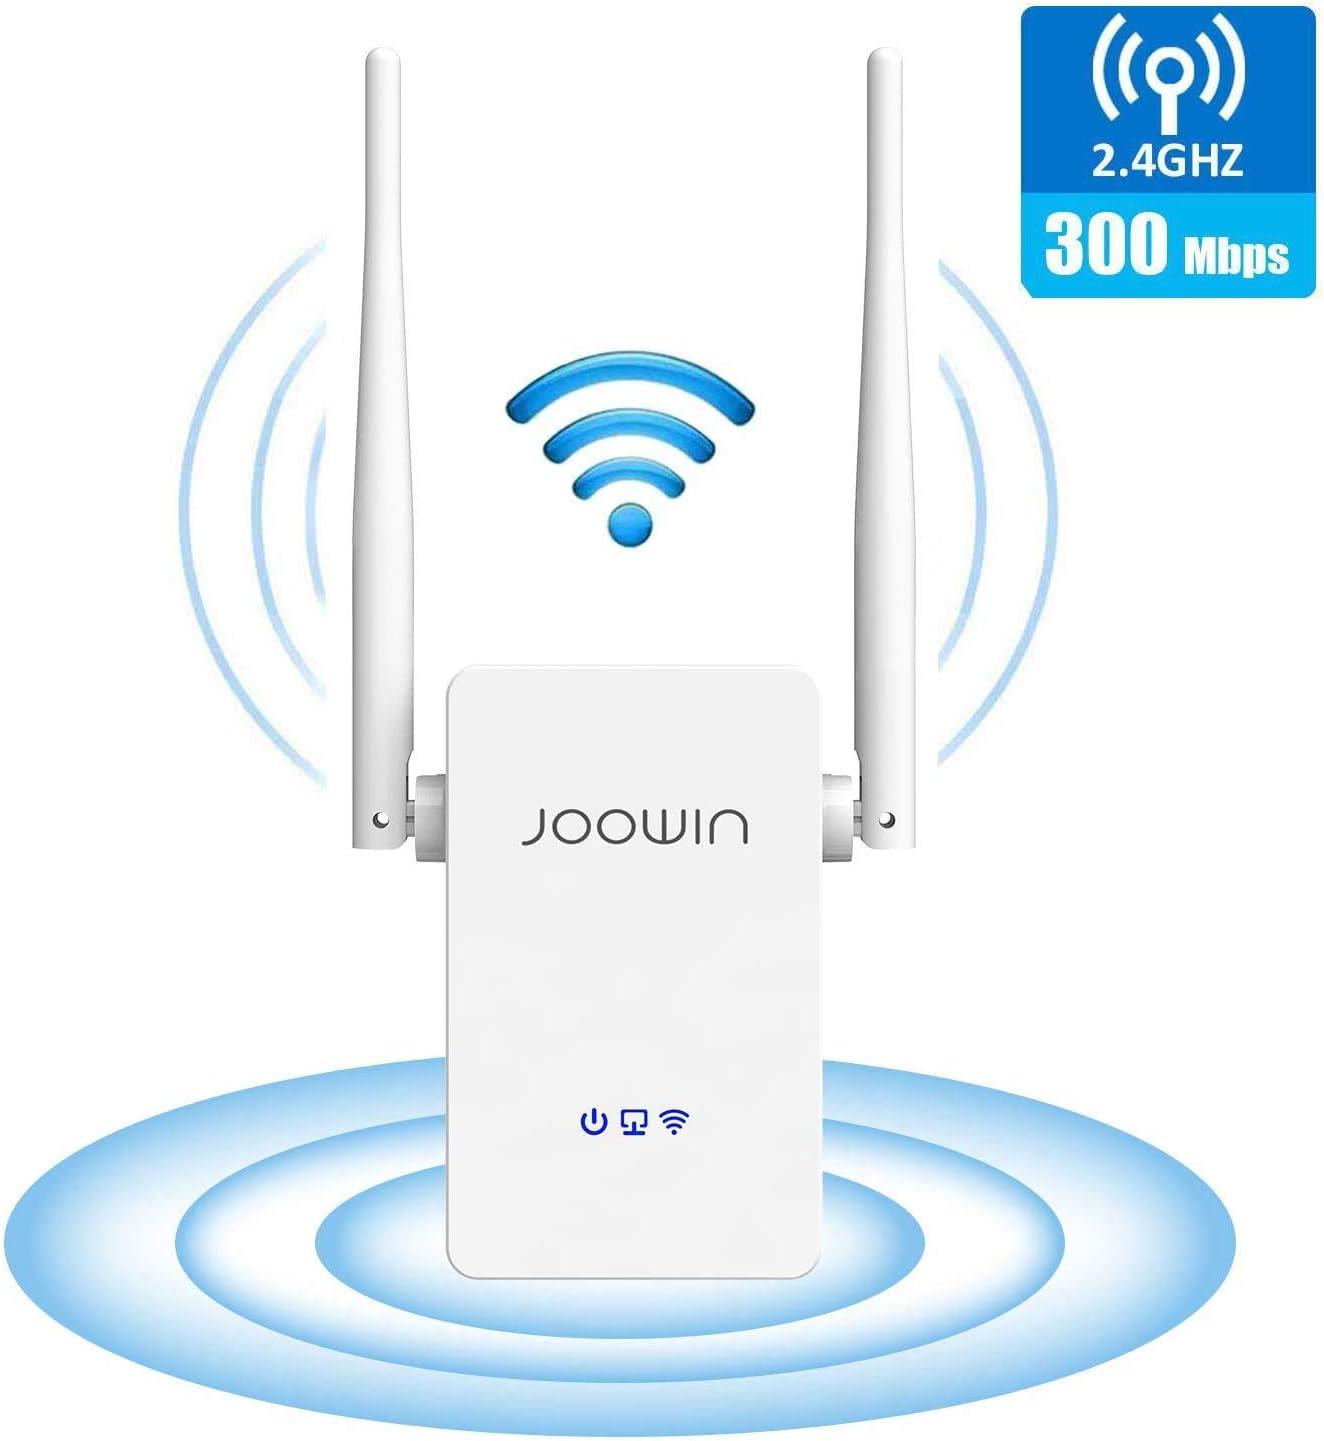 JOOWIN Repetidor WiFi,Enrutador Inalámbrico de Extensión de Rango WiFi de 2.4GHz/300Mbps,Extensor de Punto de Acceso WiFi Fácil de Usar,WiFi Amplificador Puerto Ethernet/Modo Ap/Modo WPS (Blanco)